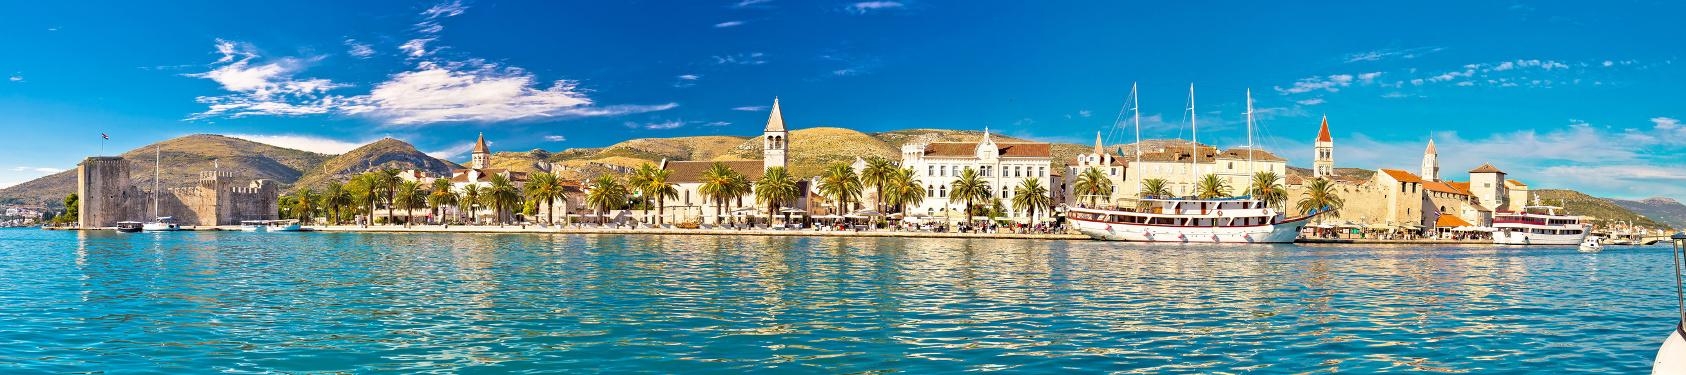 Bild von Dubrovnik & Umgebung